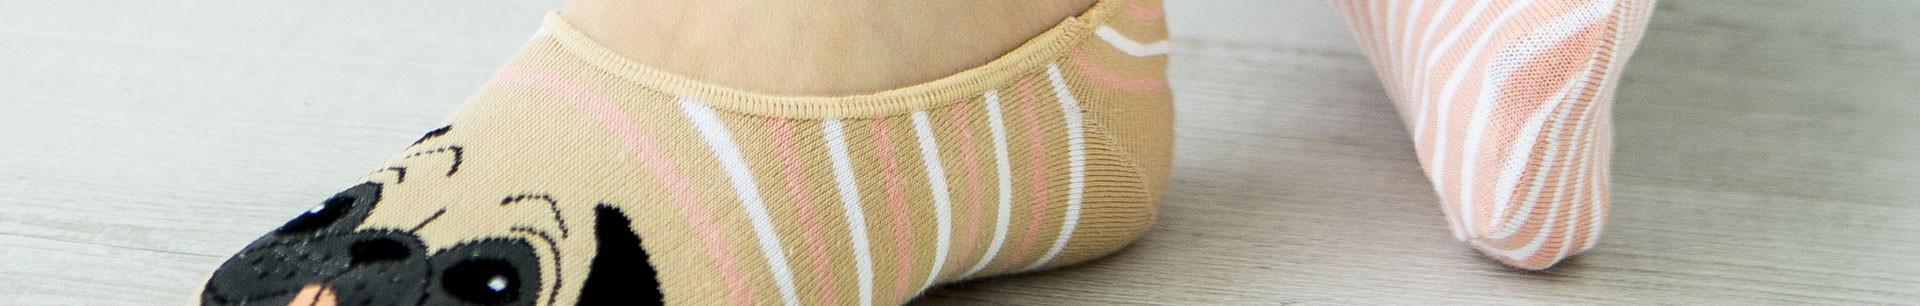 Ladies' Ped Socks | No Show Liner Socks for Women | Hidden Socks